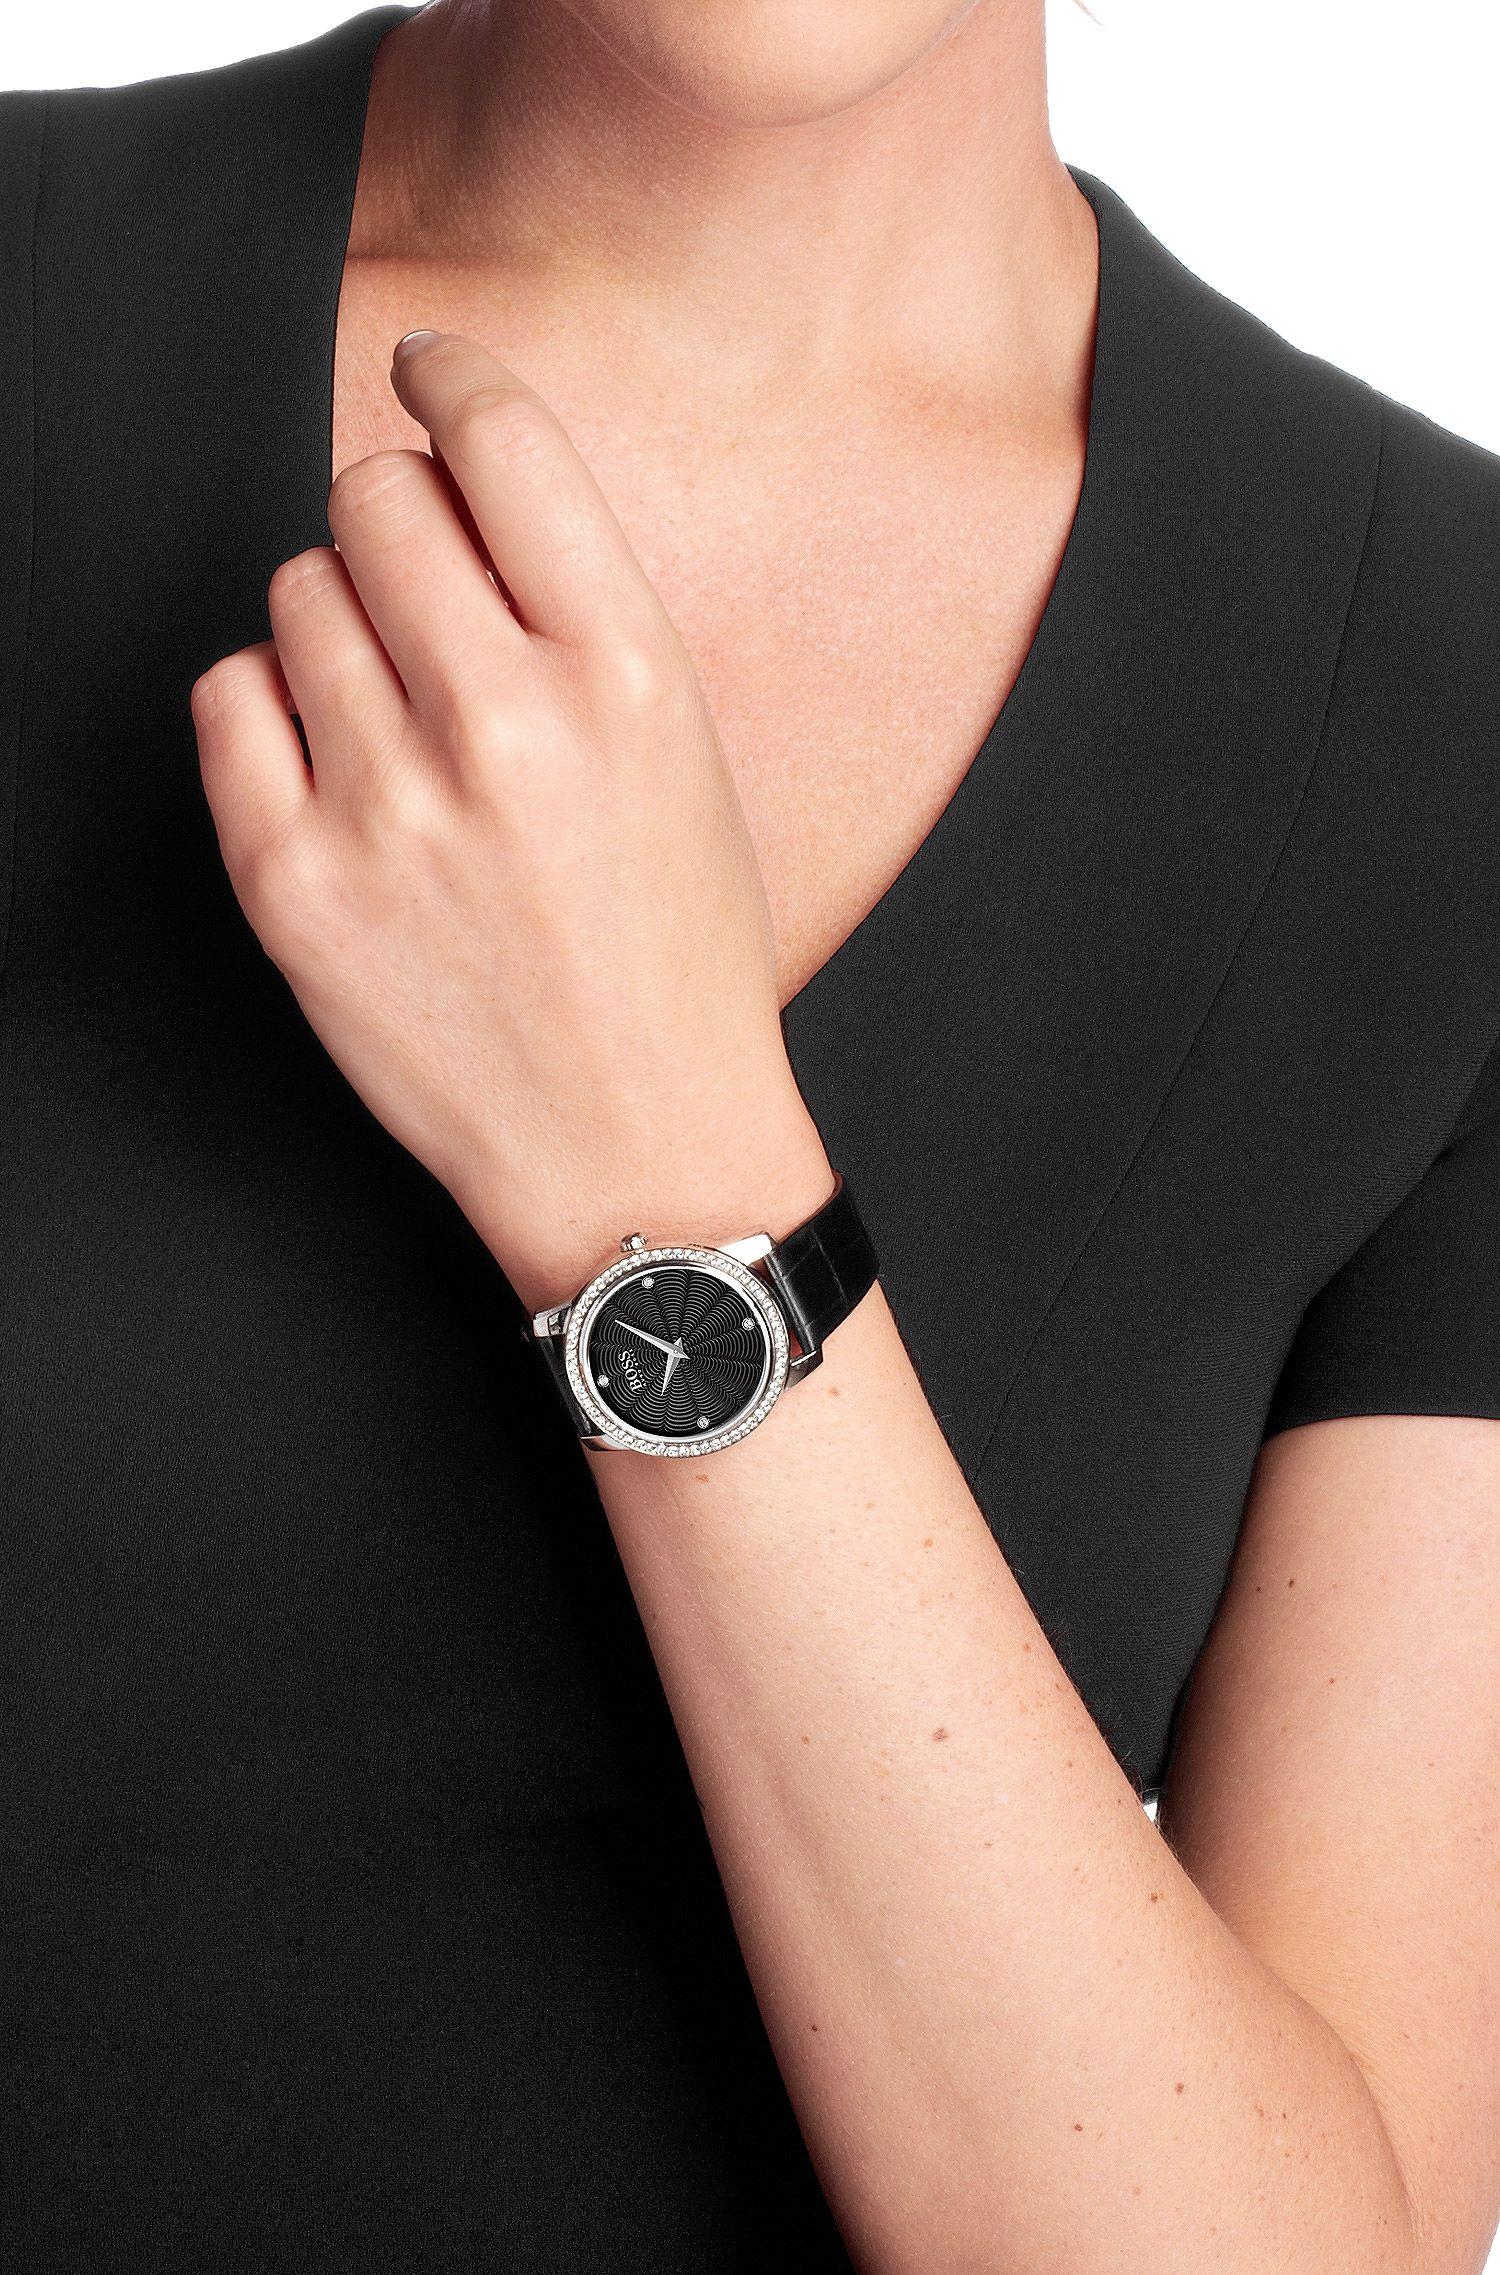 Montre femme à bracelet en cuir, HB6011